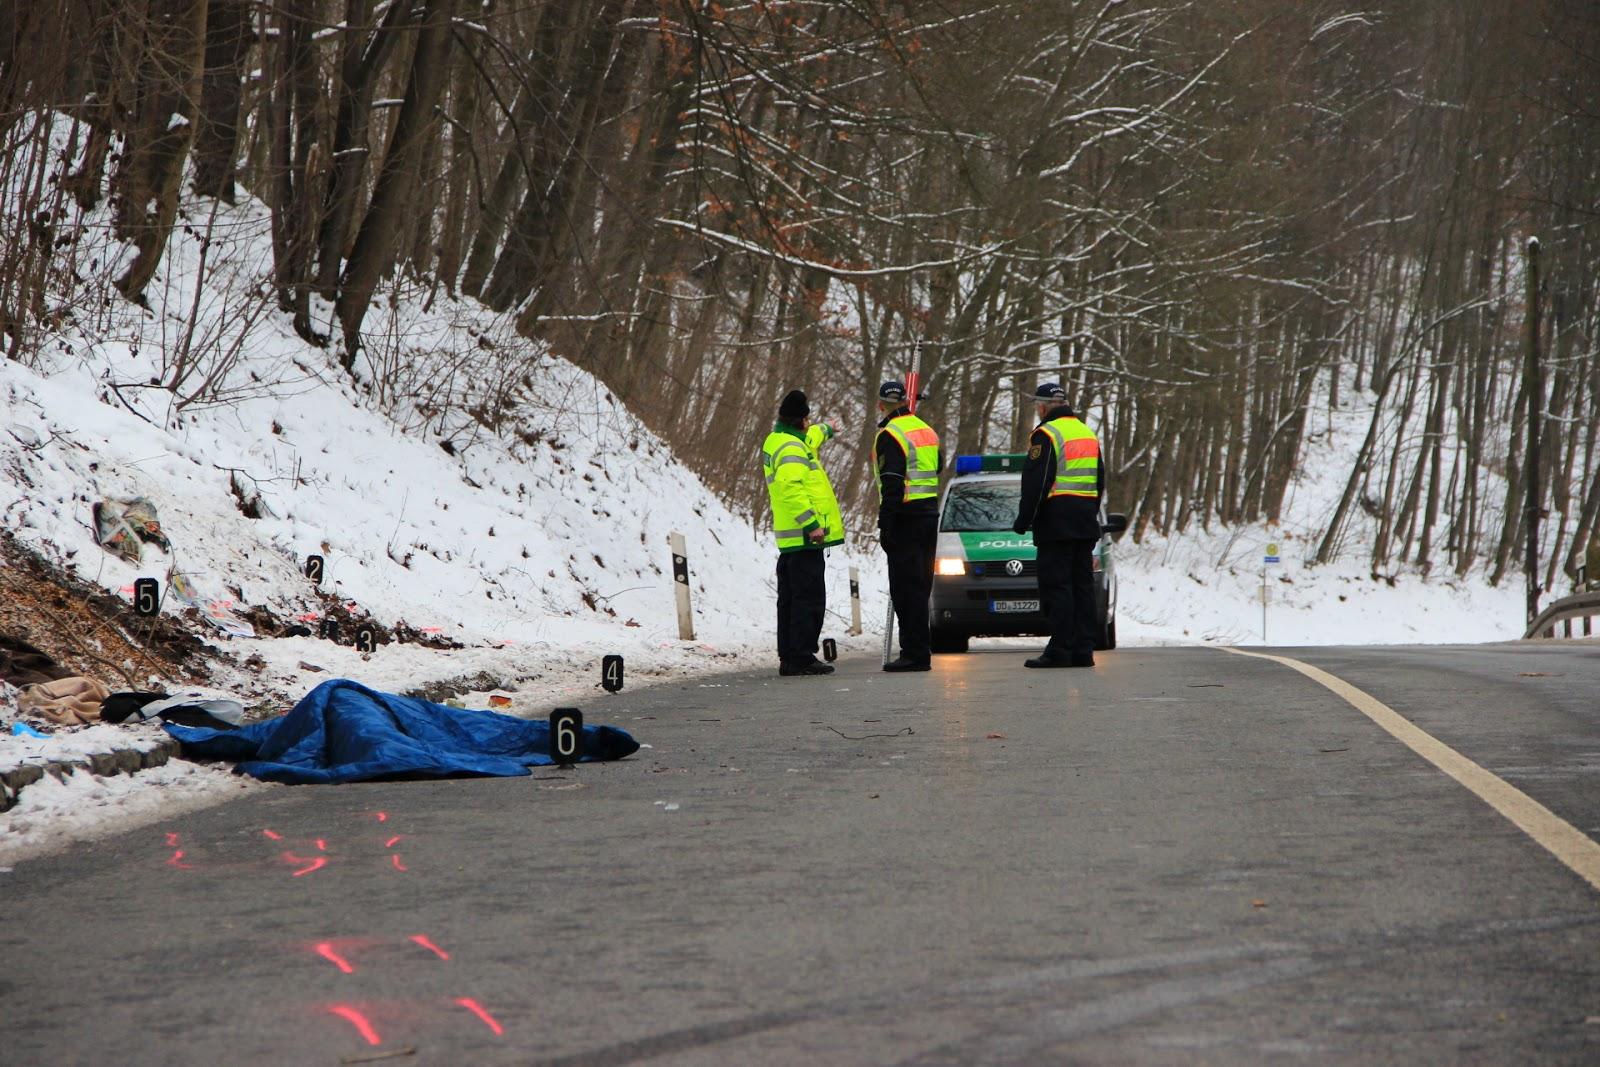 Hit-TV.eu aktuell: Aue - Tödlicher Verkehrsunfall auf der